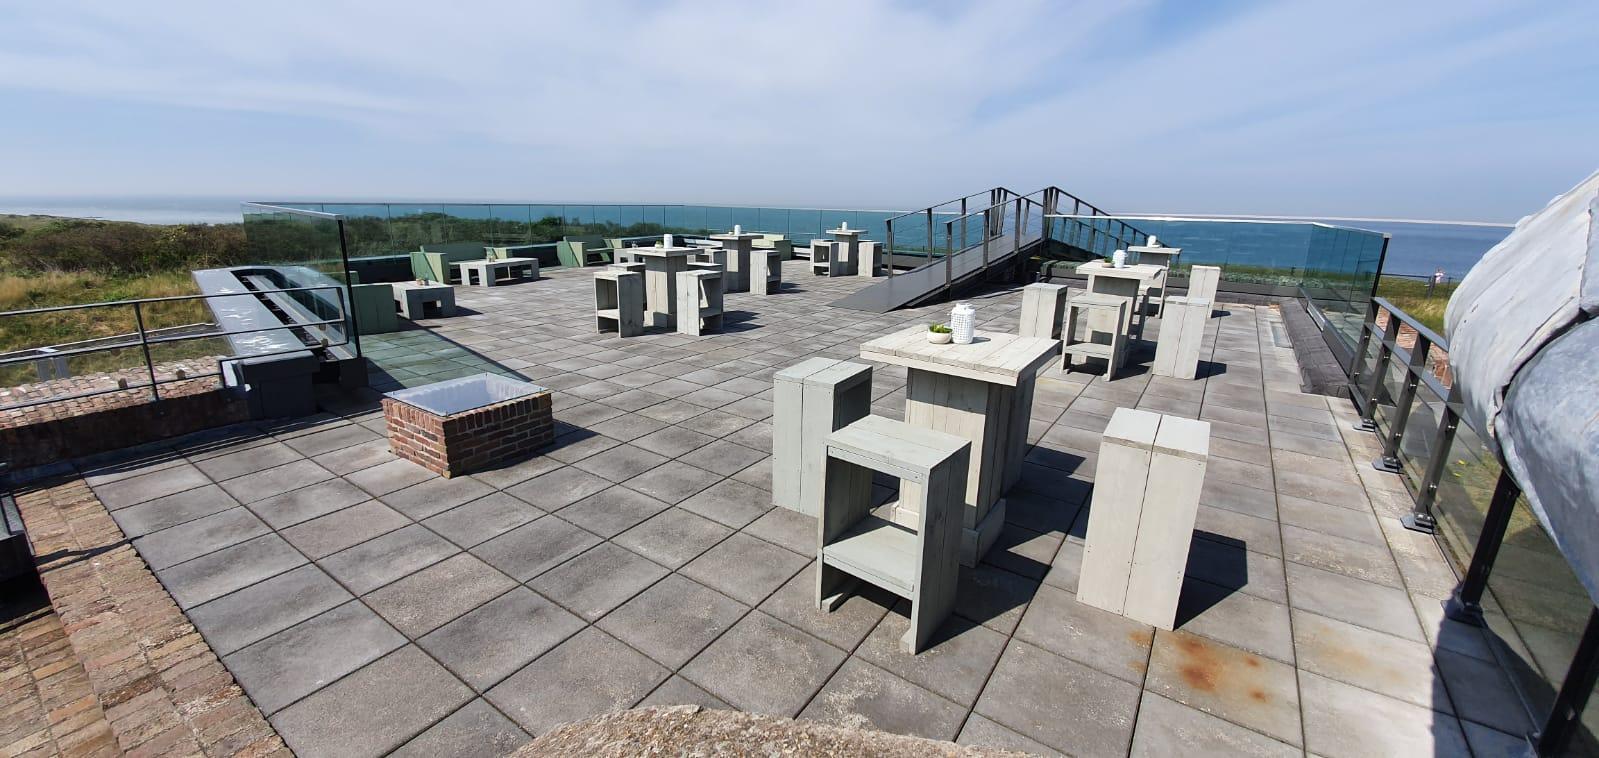 Terrasje pakken bij Fort Kijkduin in Den Helder? Vanaf 1 juni kan het, maar dan wel alleen voor bezoekers